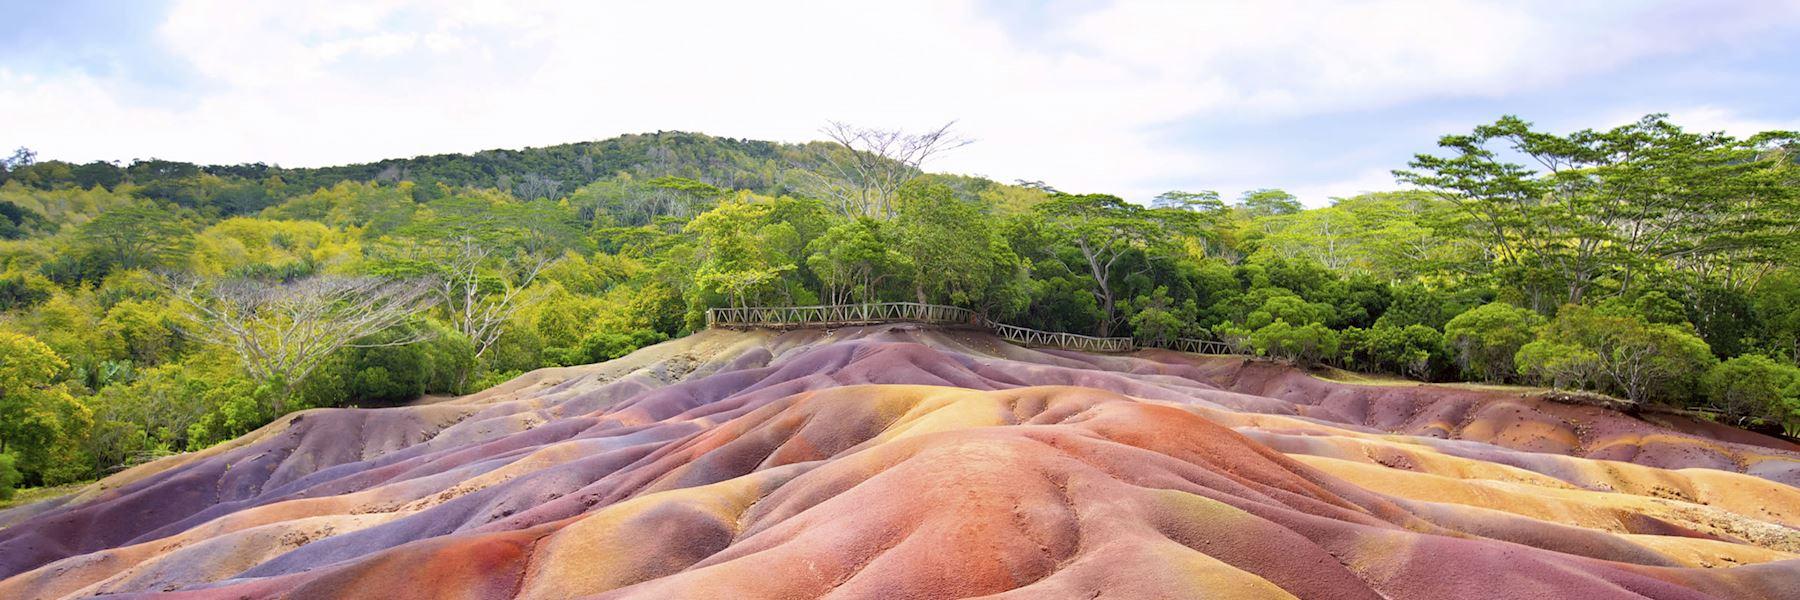 Mauritius trip ideas